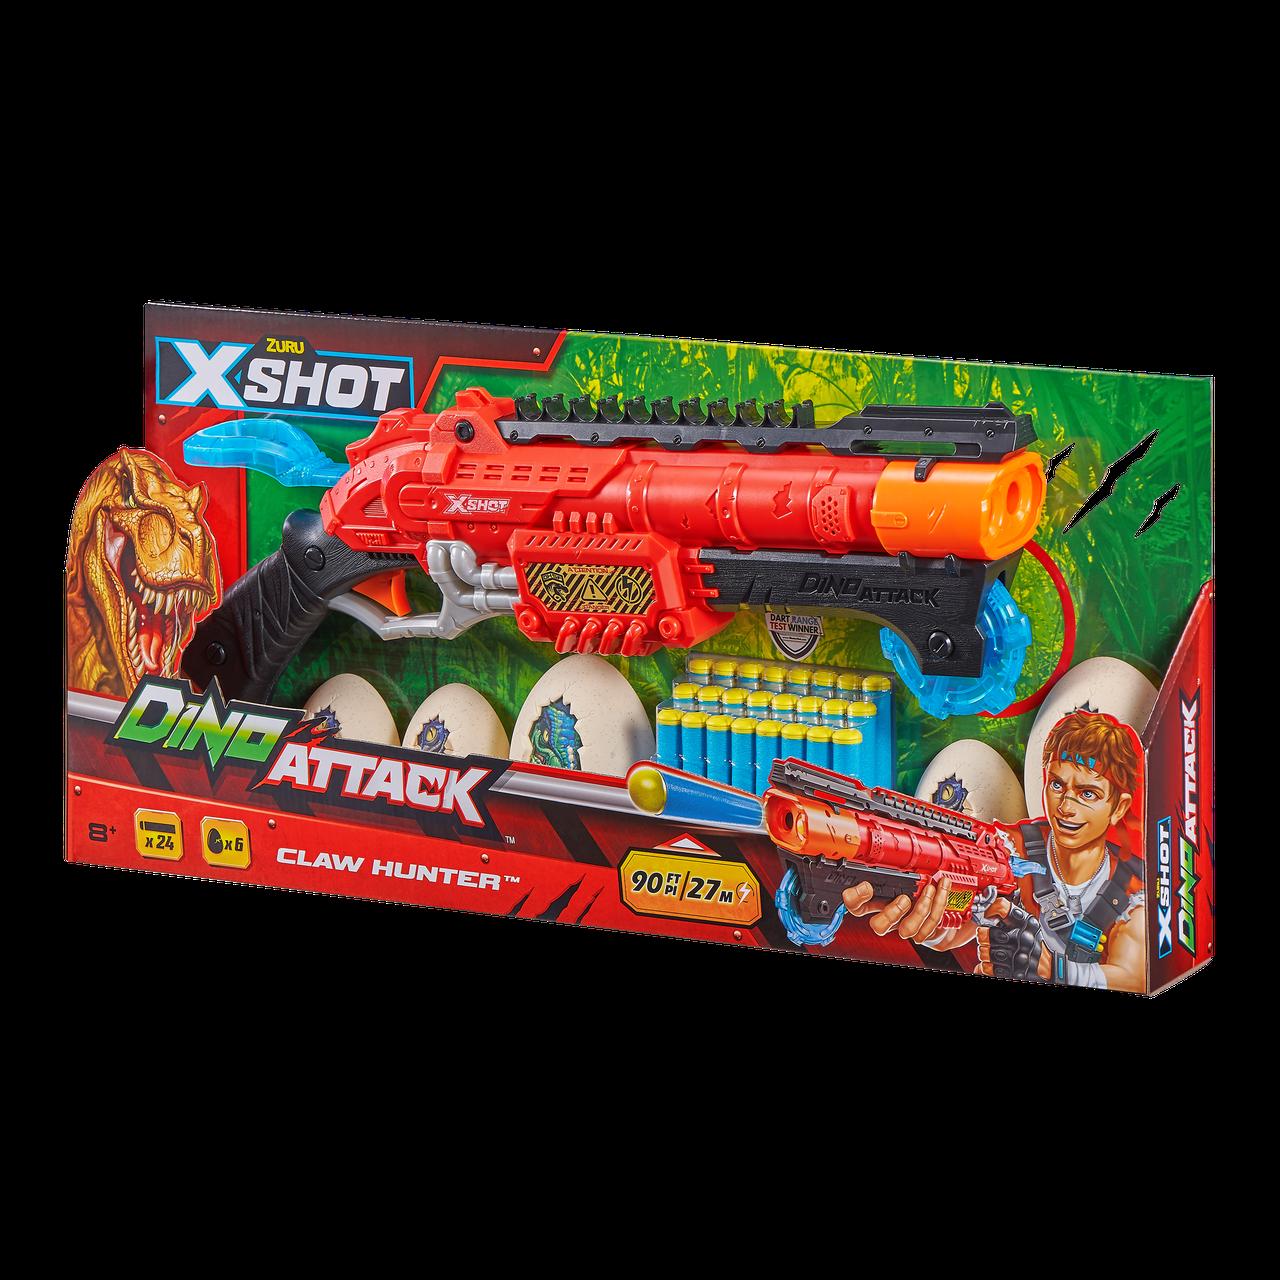 Скорострельный бластер Dino X-Shot claw hunter (2 средних яйца, 4 маленьких яйца, 24 патрона) (4861)